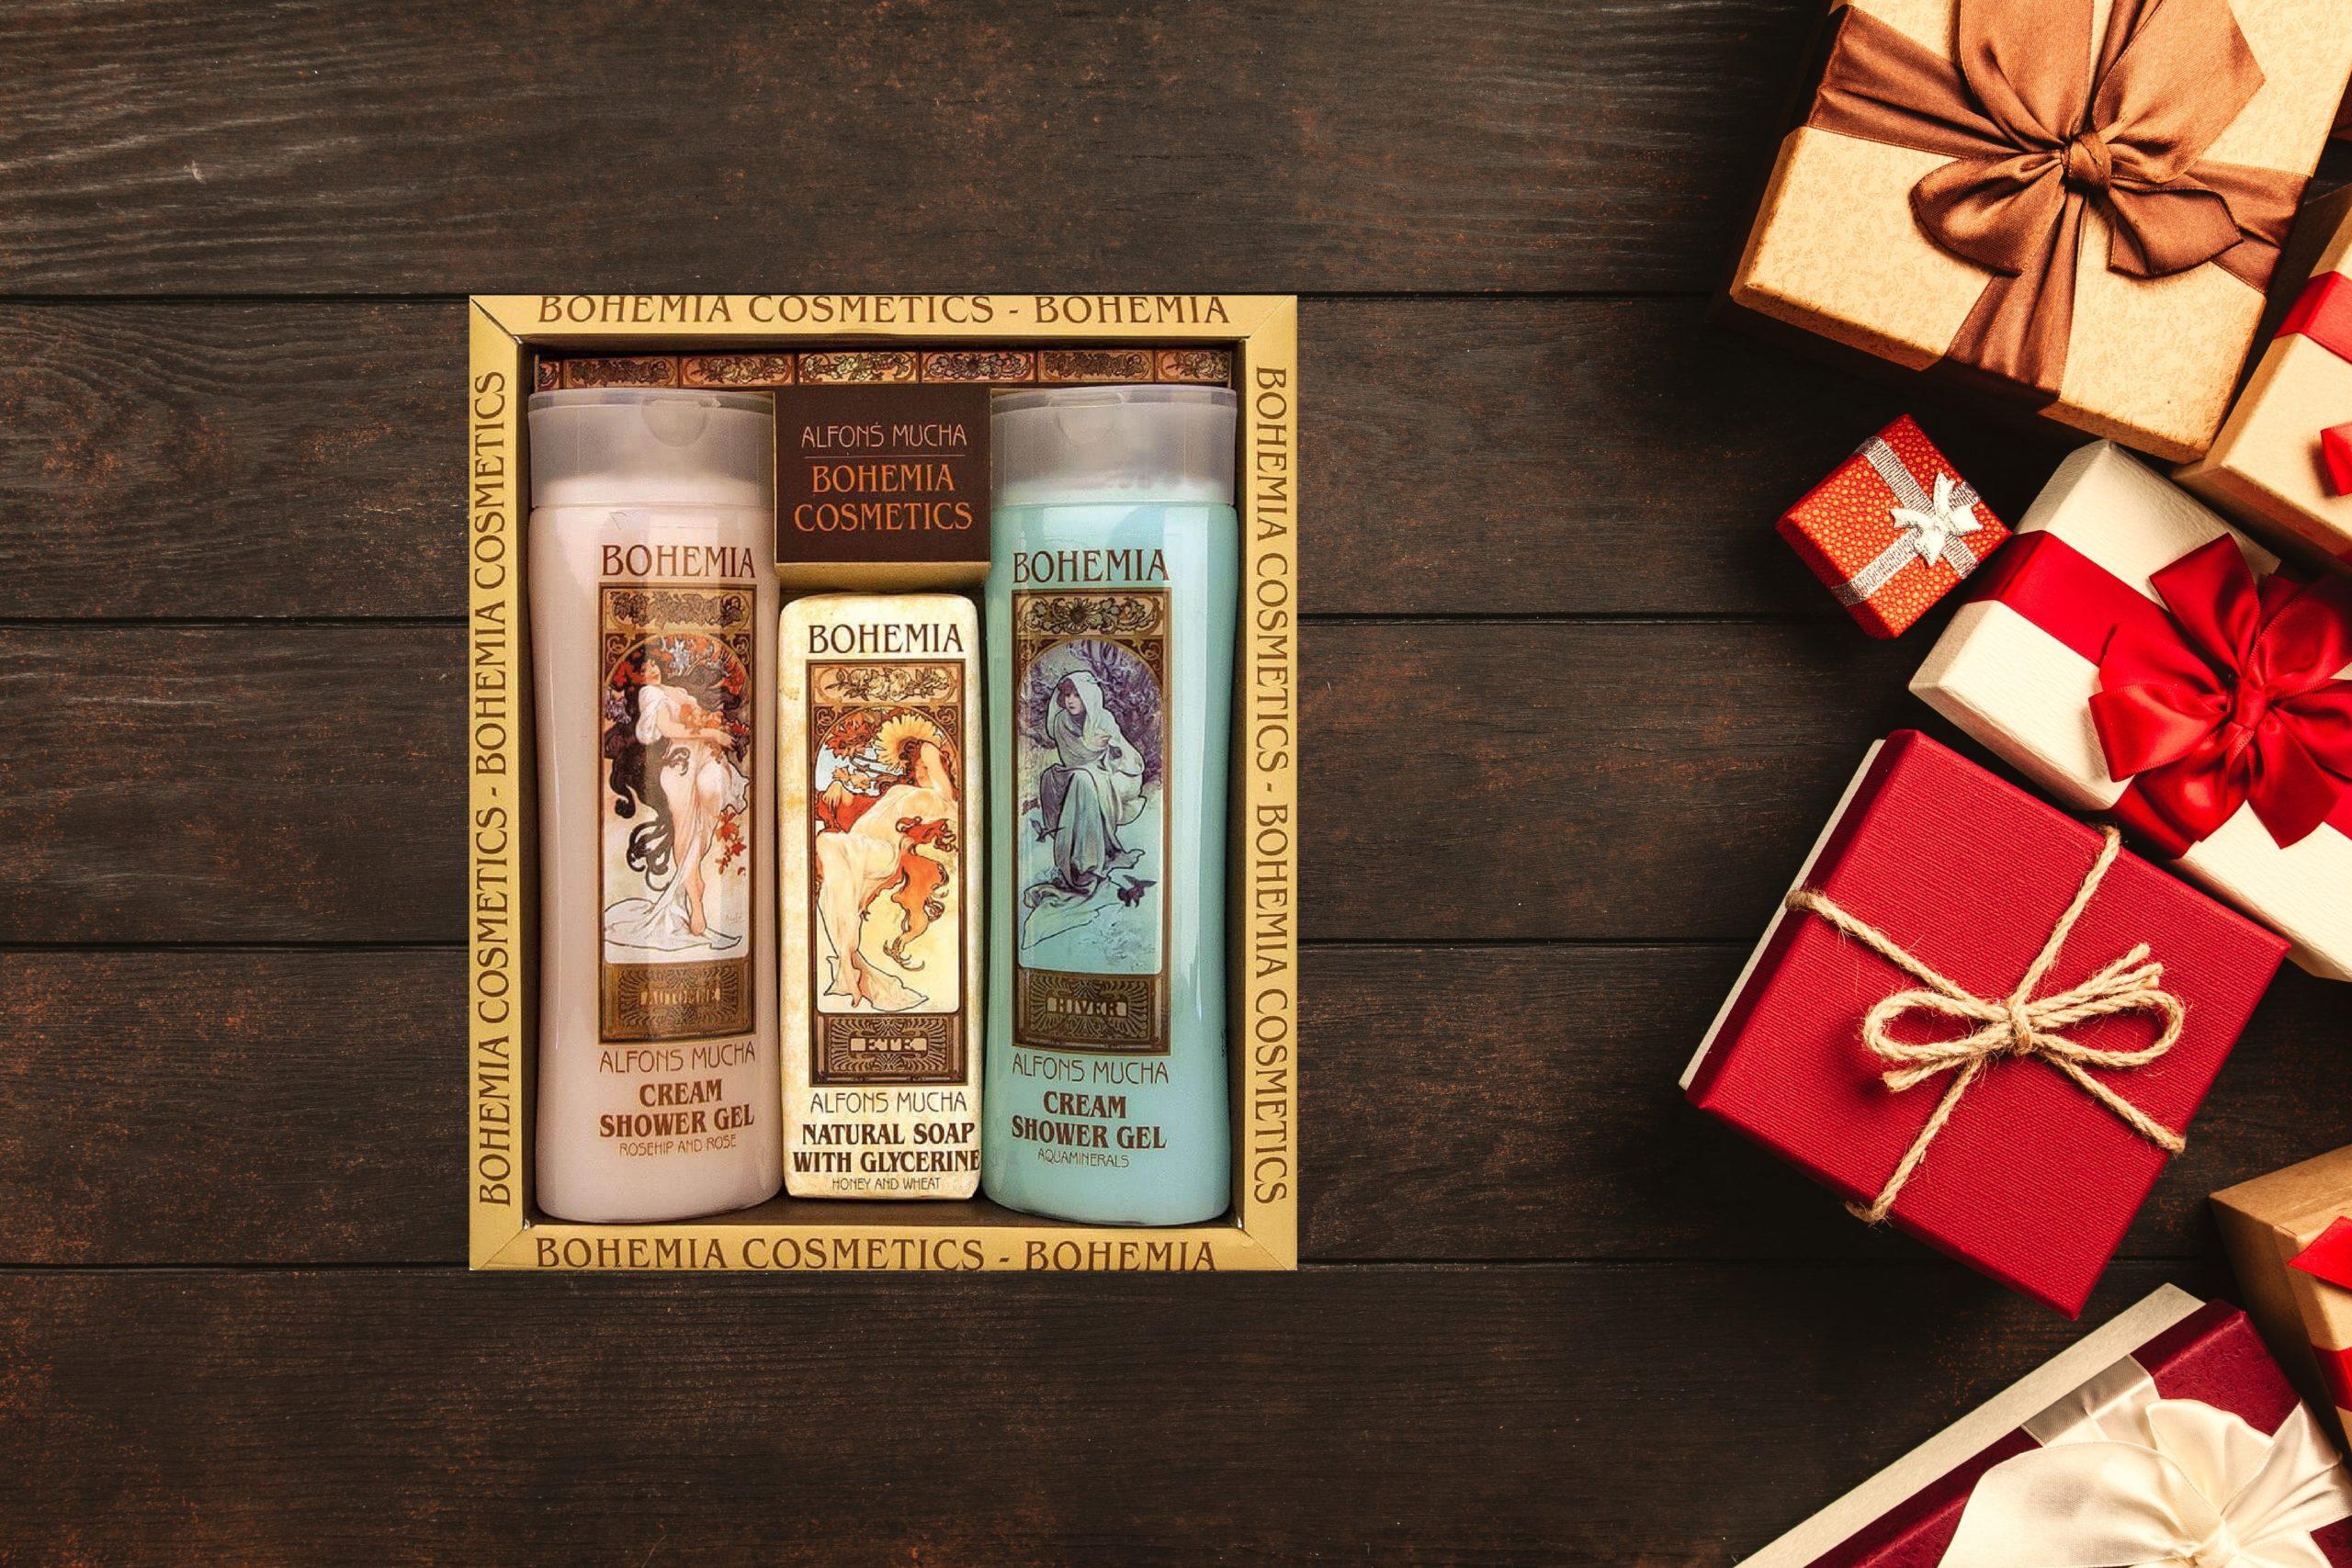 Dovanų dovana siūlo Alfonso Muchos darbų motyvais papuoštą kosmetikos dovanų rinkinį, kuriam neliks abejinga nei viena moteris!